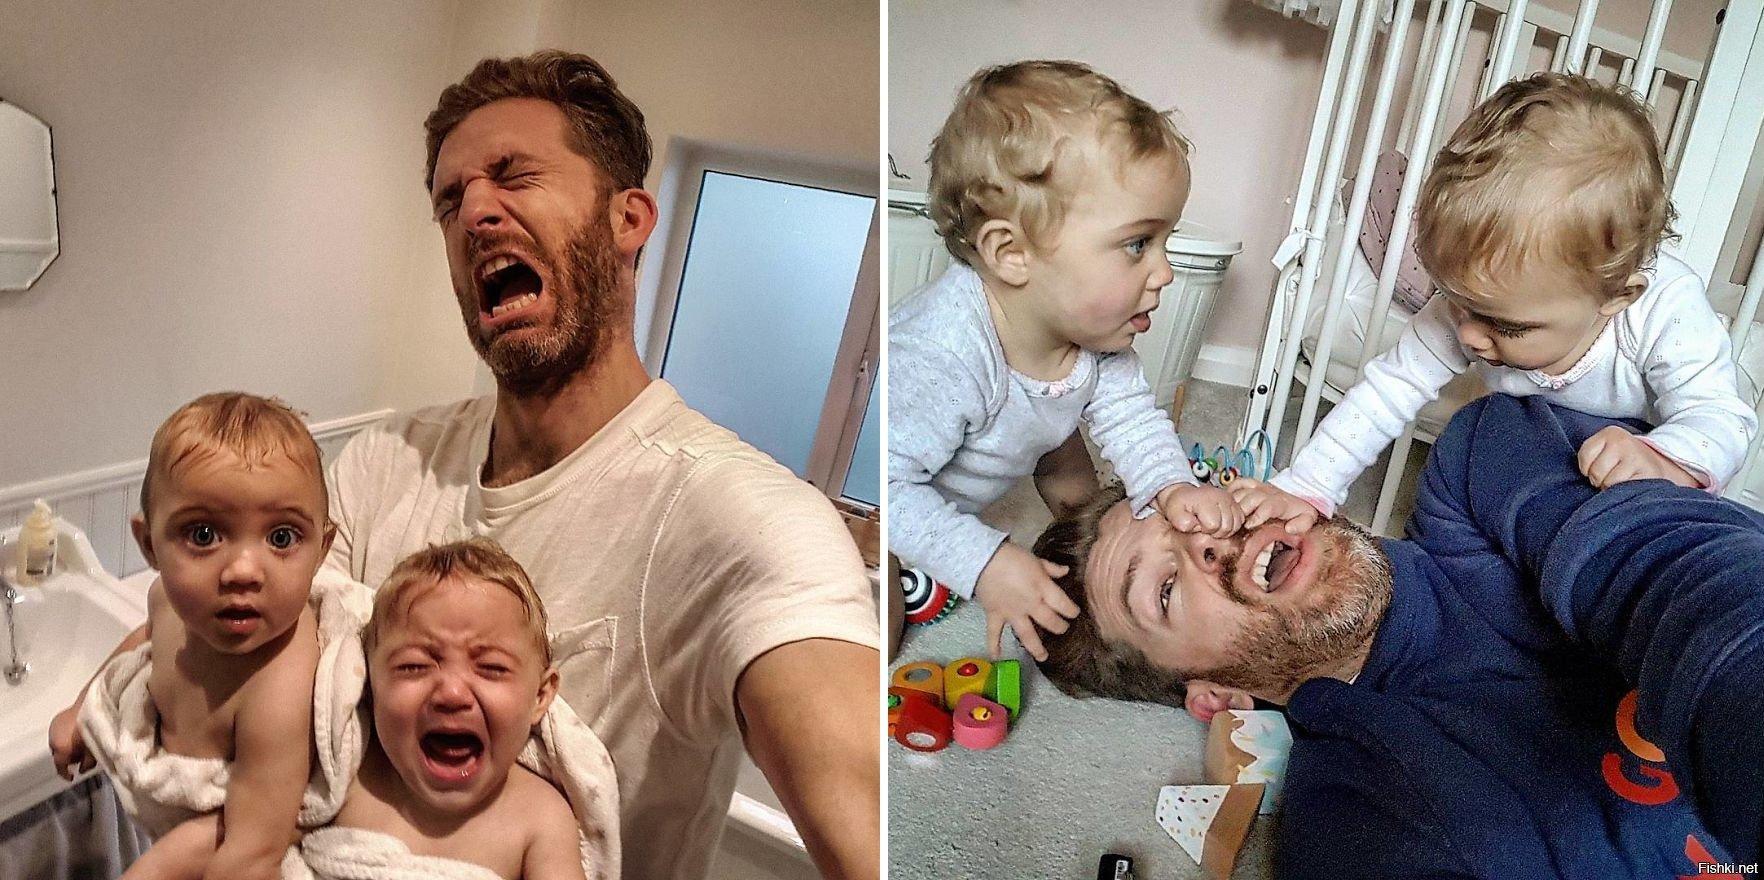 Днем, смешная картинка многодетного отца